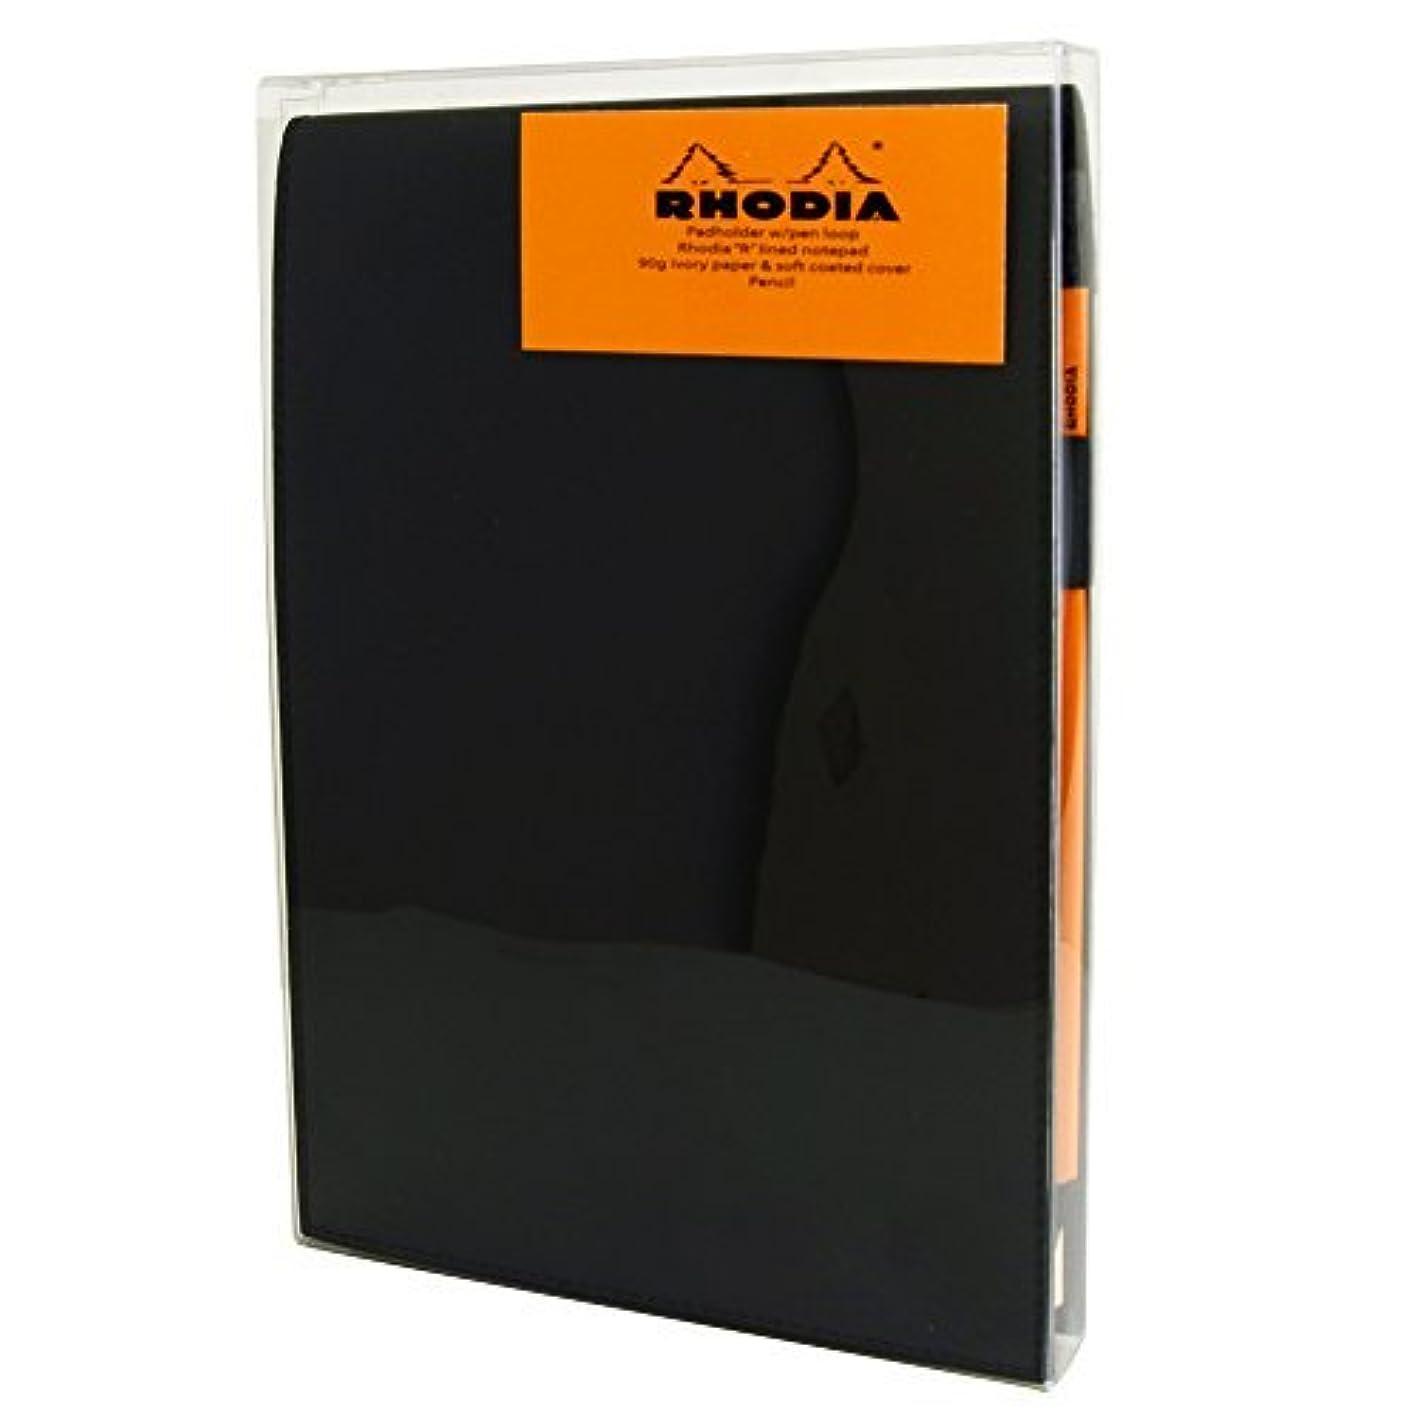 測定可能成熟したハプニングRhodia Black Notepad Gift Set 6X8.75 Lined [並行輸入品]